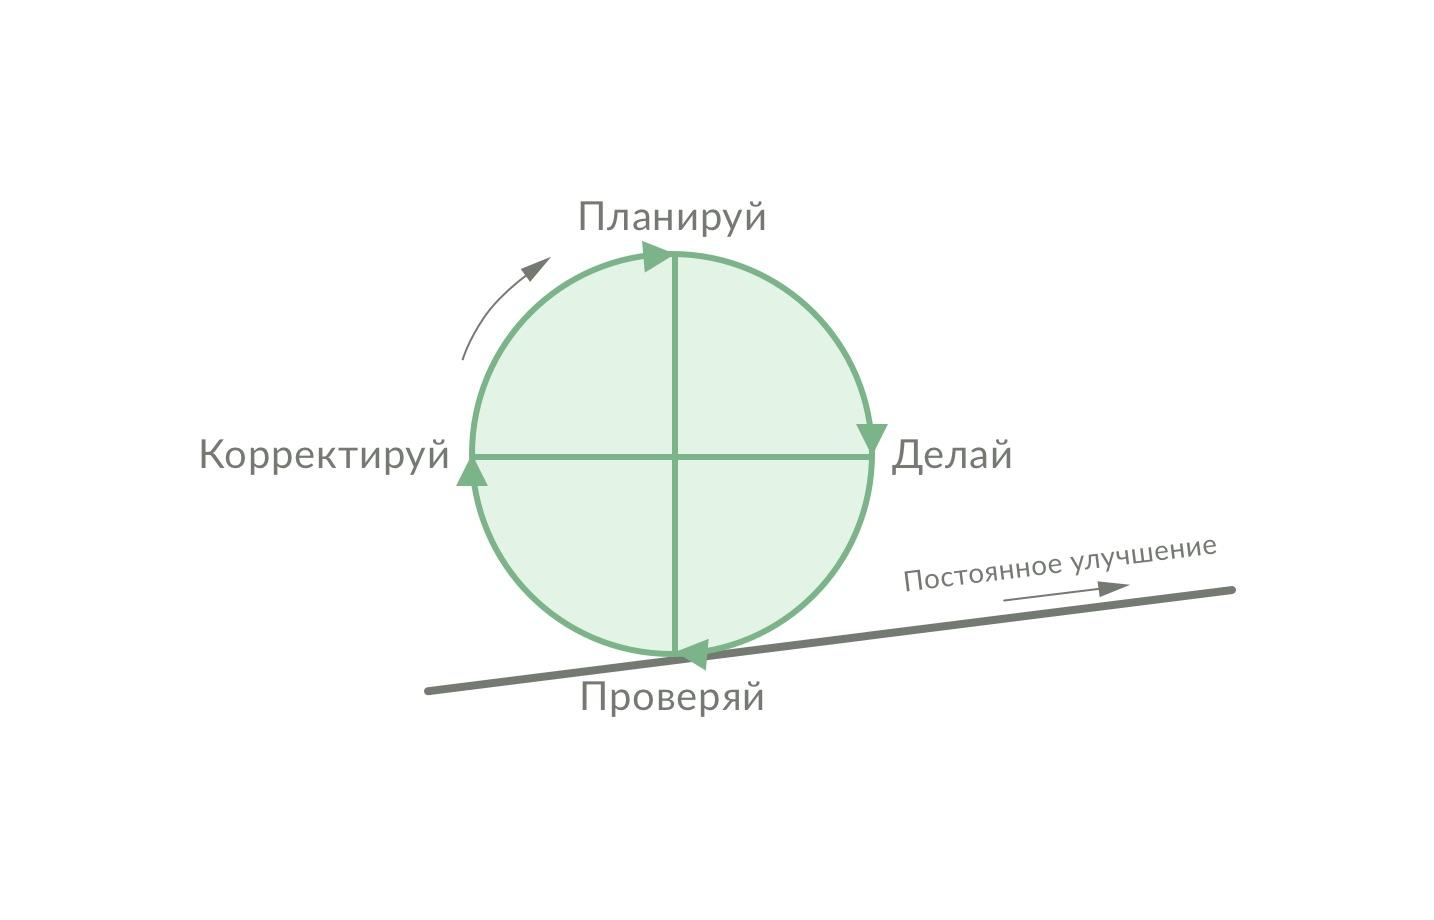 Цикл PDCA эффективность системы управления транспортом в логистике